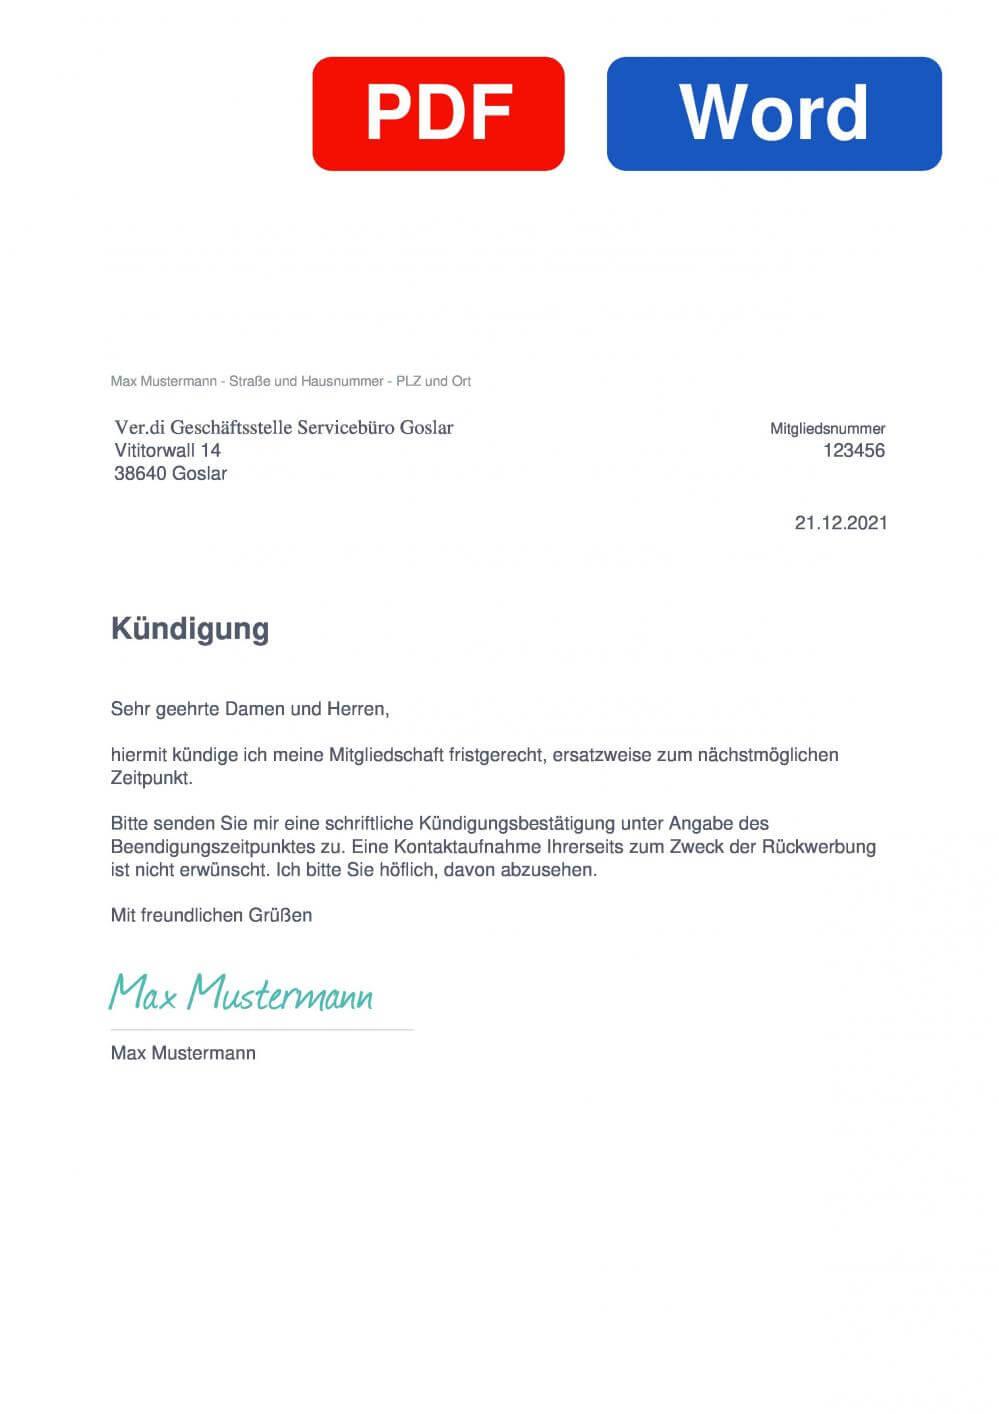 Verdi Servicebüro Goslar Muster Vorlage für Kündigungsschreiben